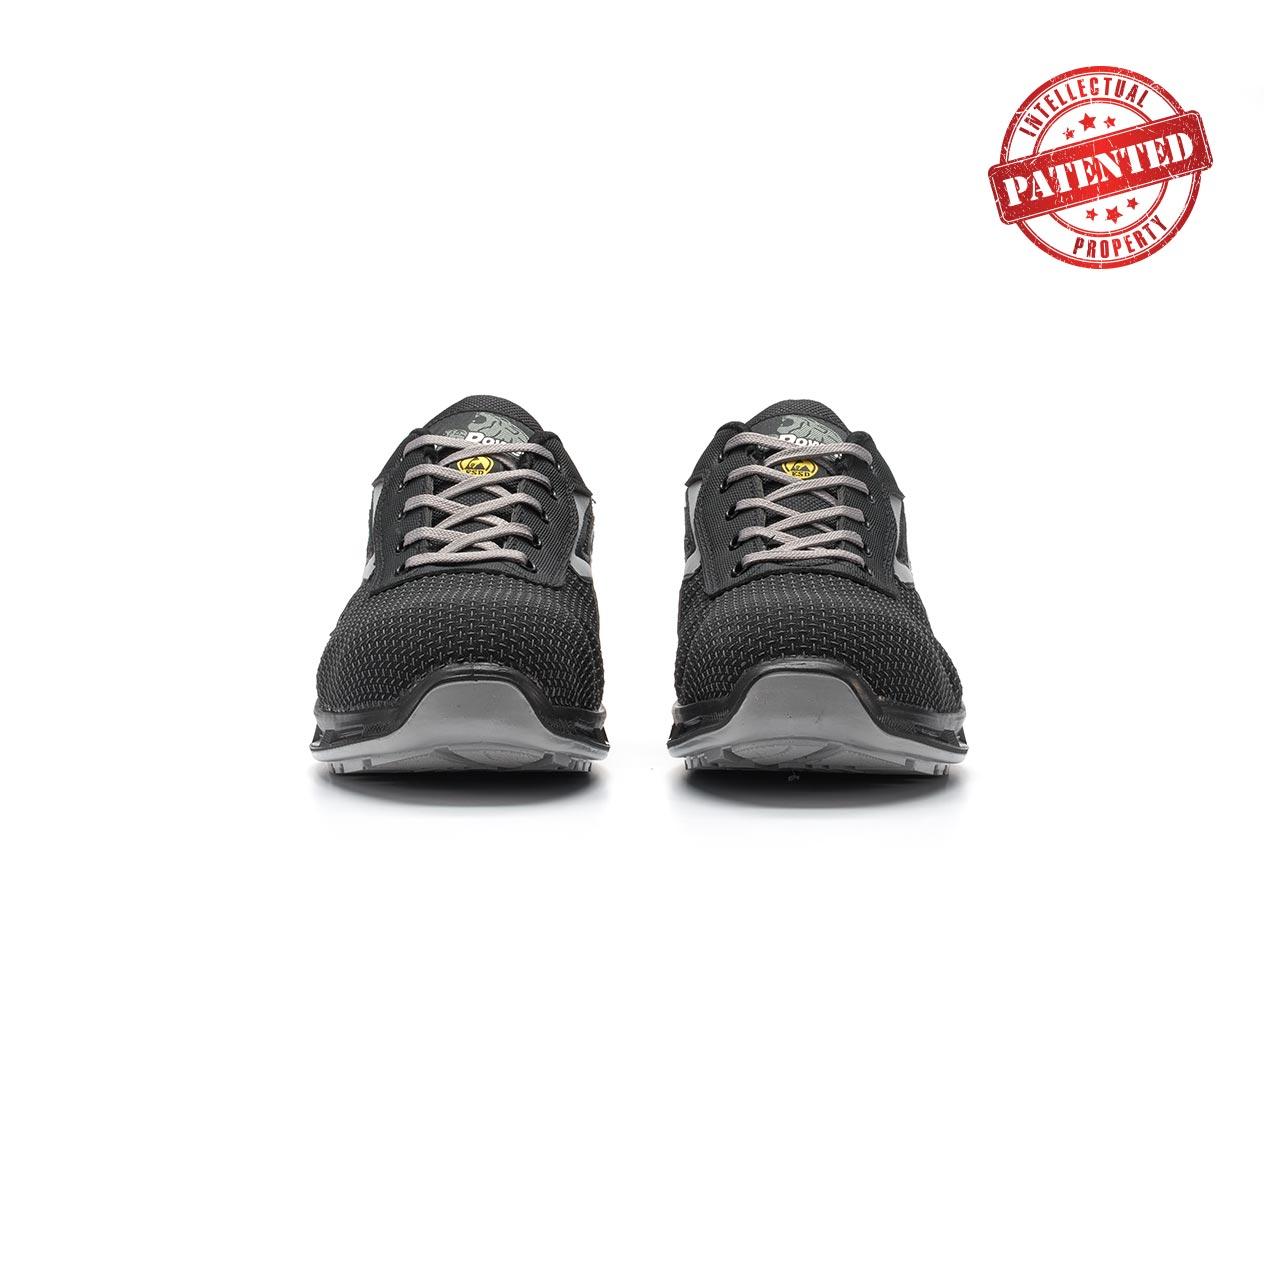 paio di scarpe antinfortunistiche upower modello raptor linea redlion vista frontale